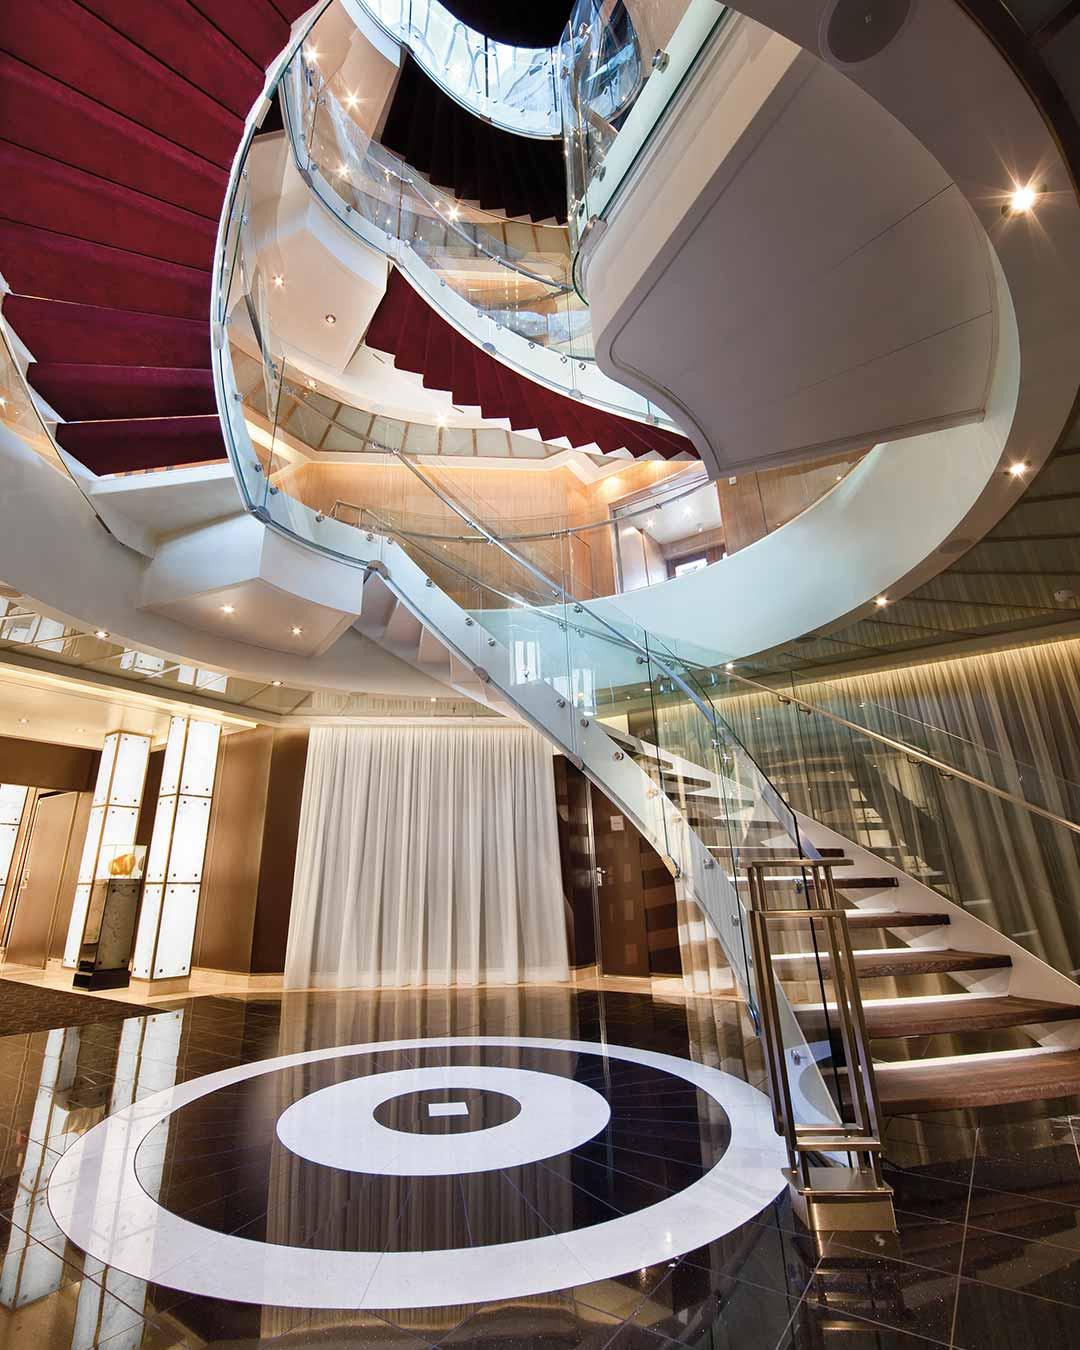 seabourn-cruises-atrium-1080x1350